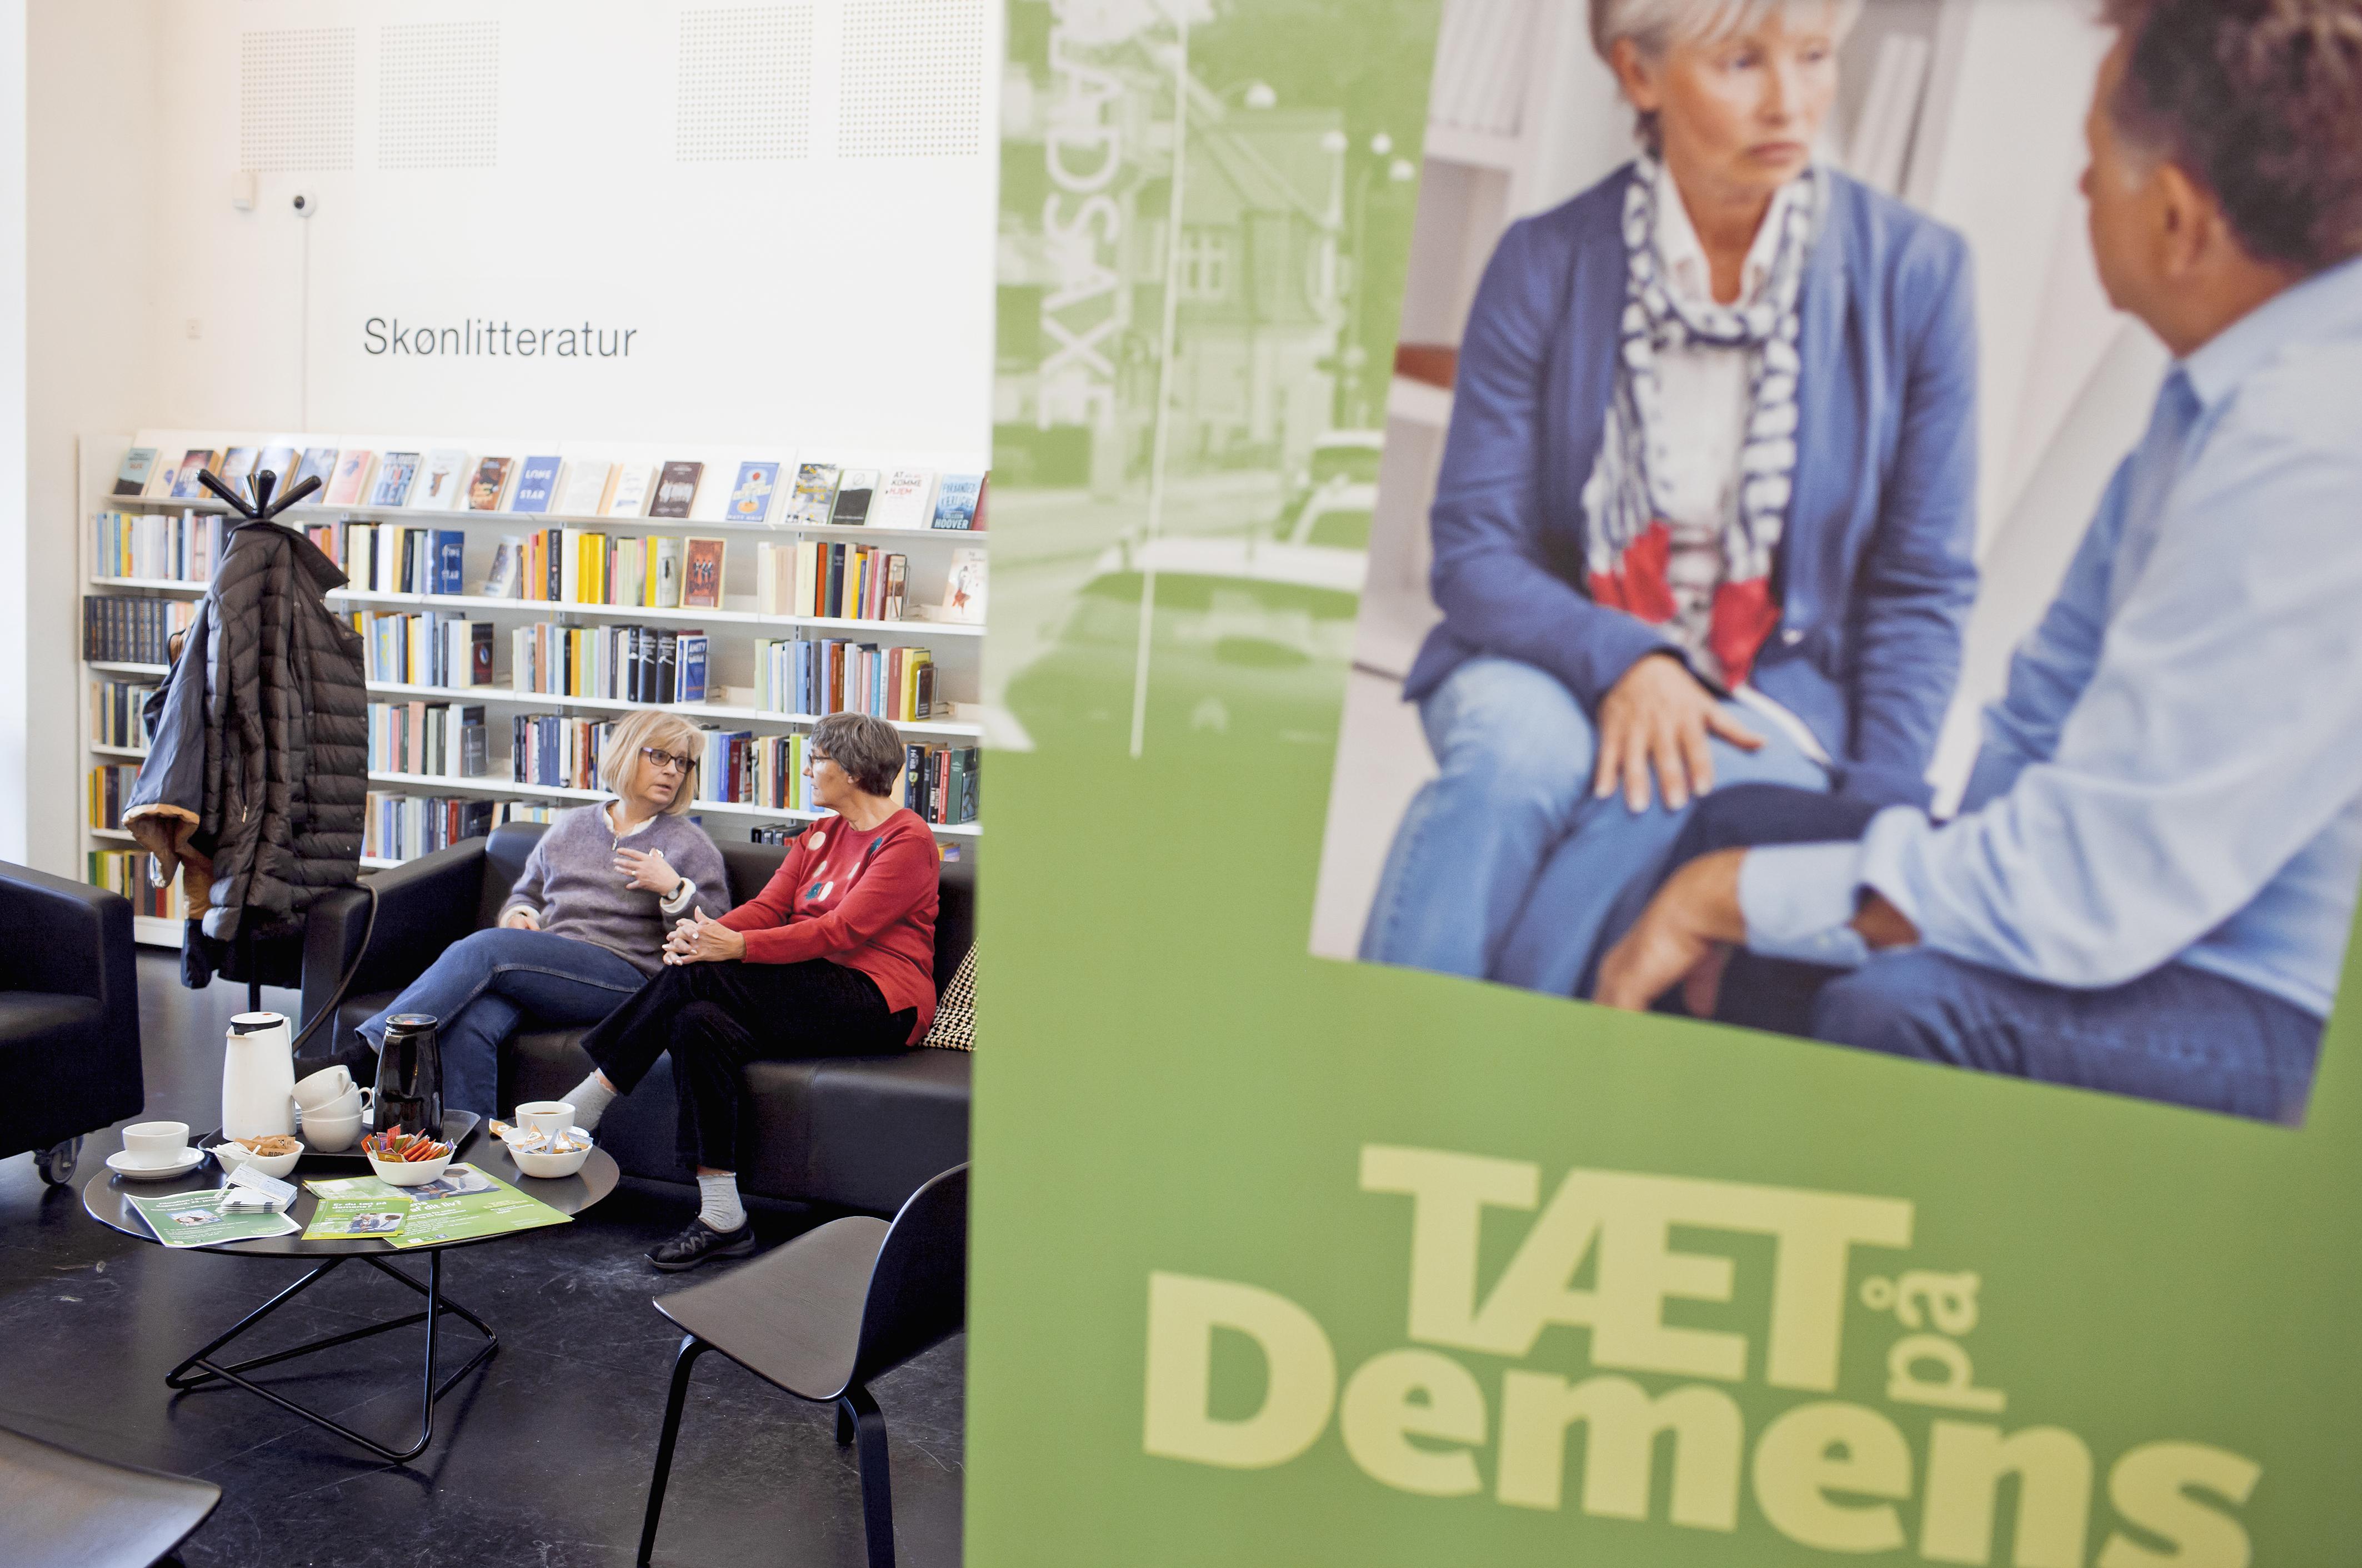 Den åbne rådgivning i et hjørne af Bibliografen i Bagsværd er en del af en indsats for at skabe en demensvenlig bydel. I rådgivningen kan pårørende få gode råd af demenskoordinator Charlotte Rugh samt frivillige.